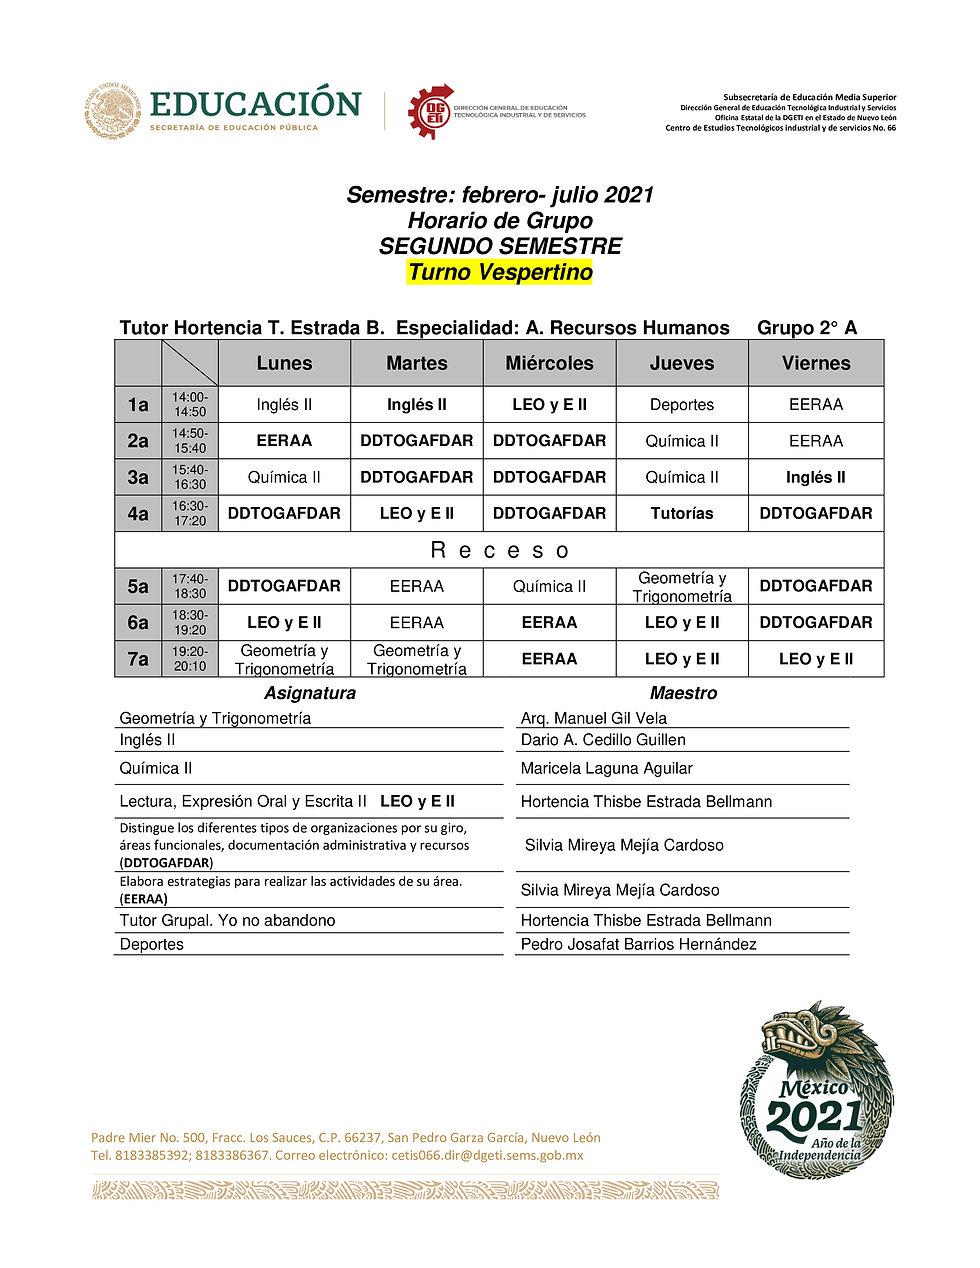 3-TV 21-21 HORARIOS SEGUNDO SEMESTRE-0.j